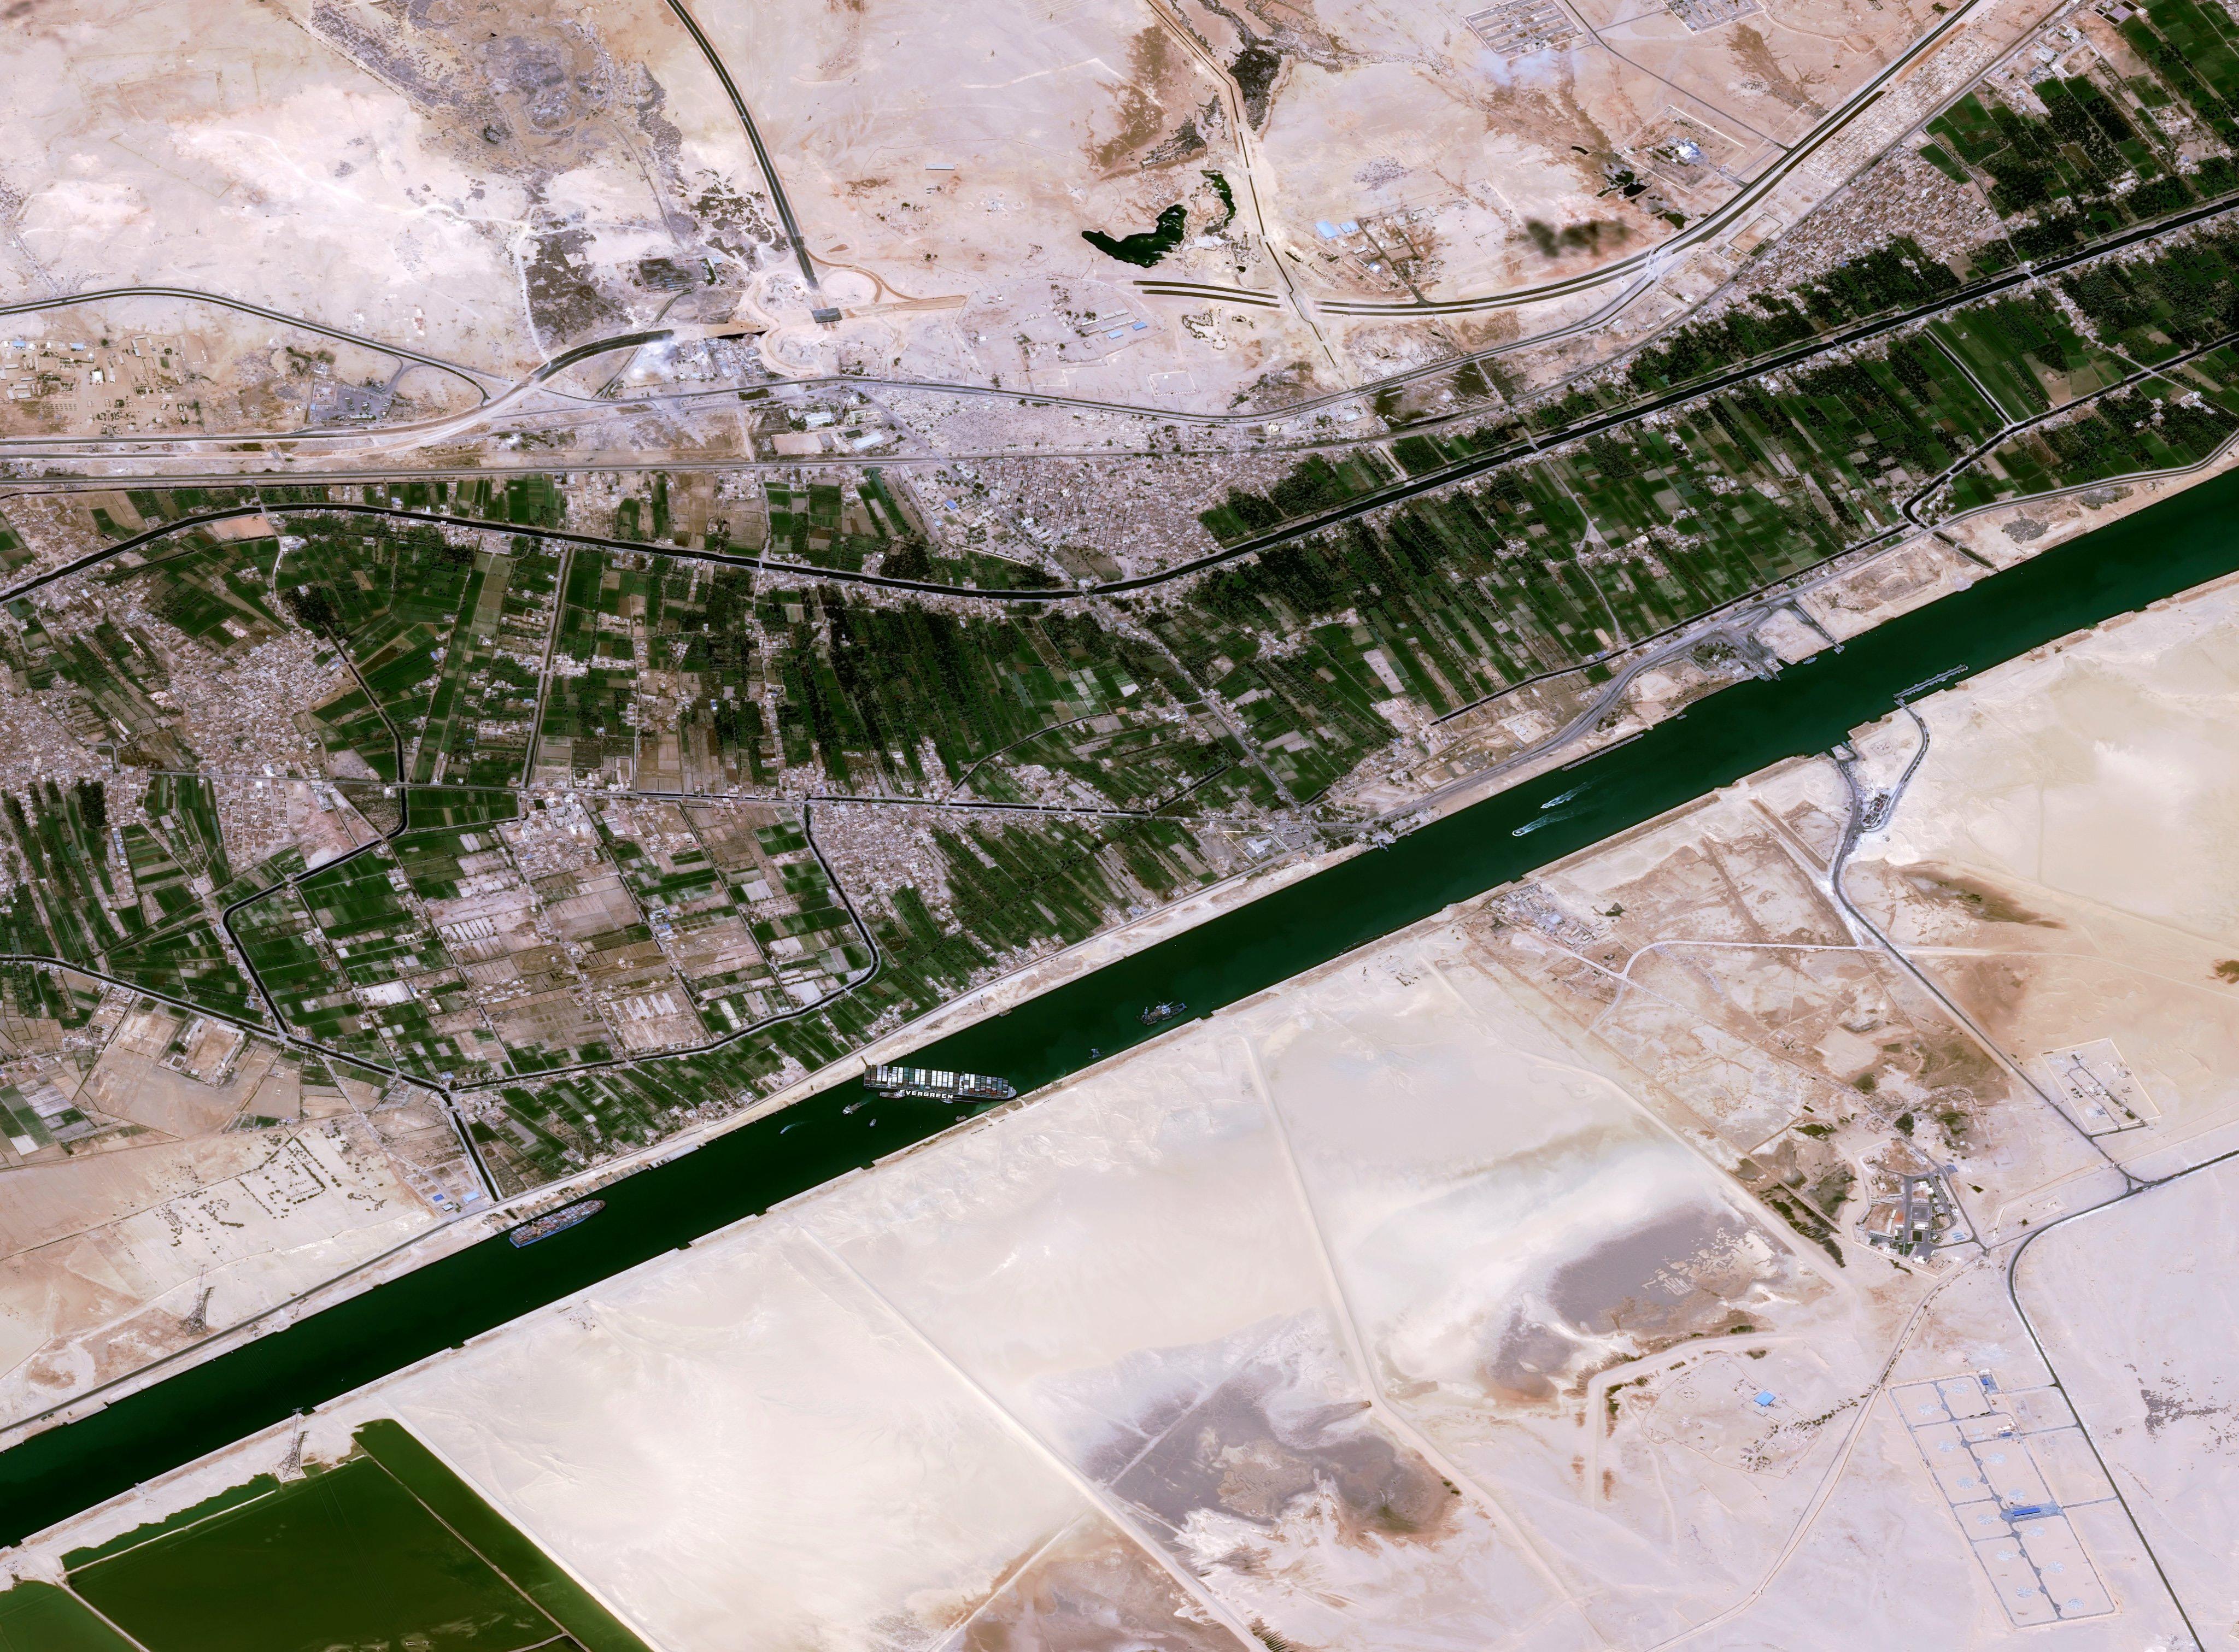 Un satellite d'observation de la Terre Pléiades construit par Airbus a capturé cette vue du porte-conteneurs Ever Given coincé dans le canal de Suez le 25 mars 2021.